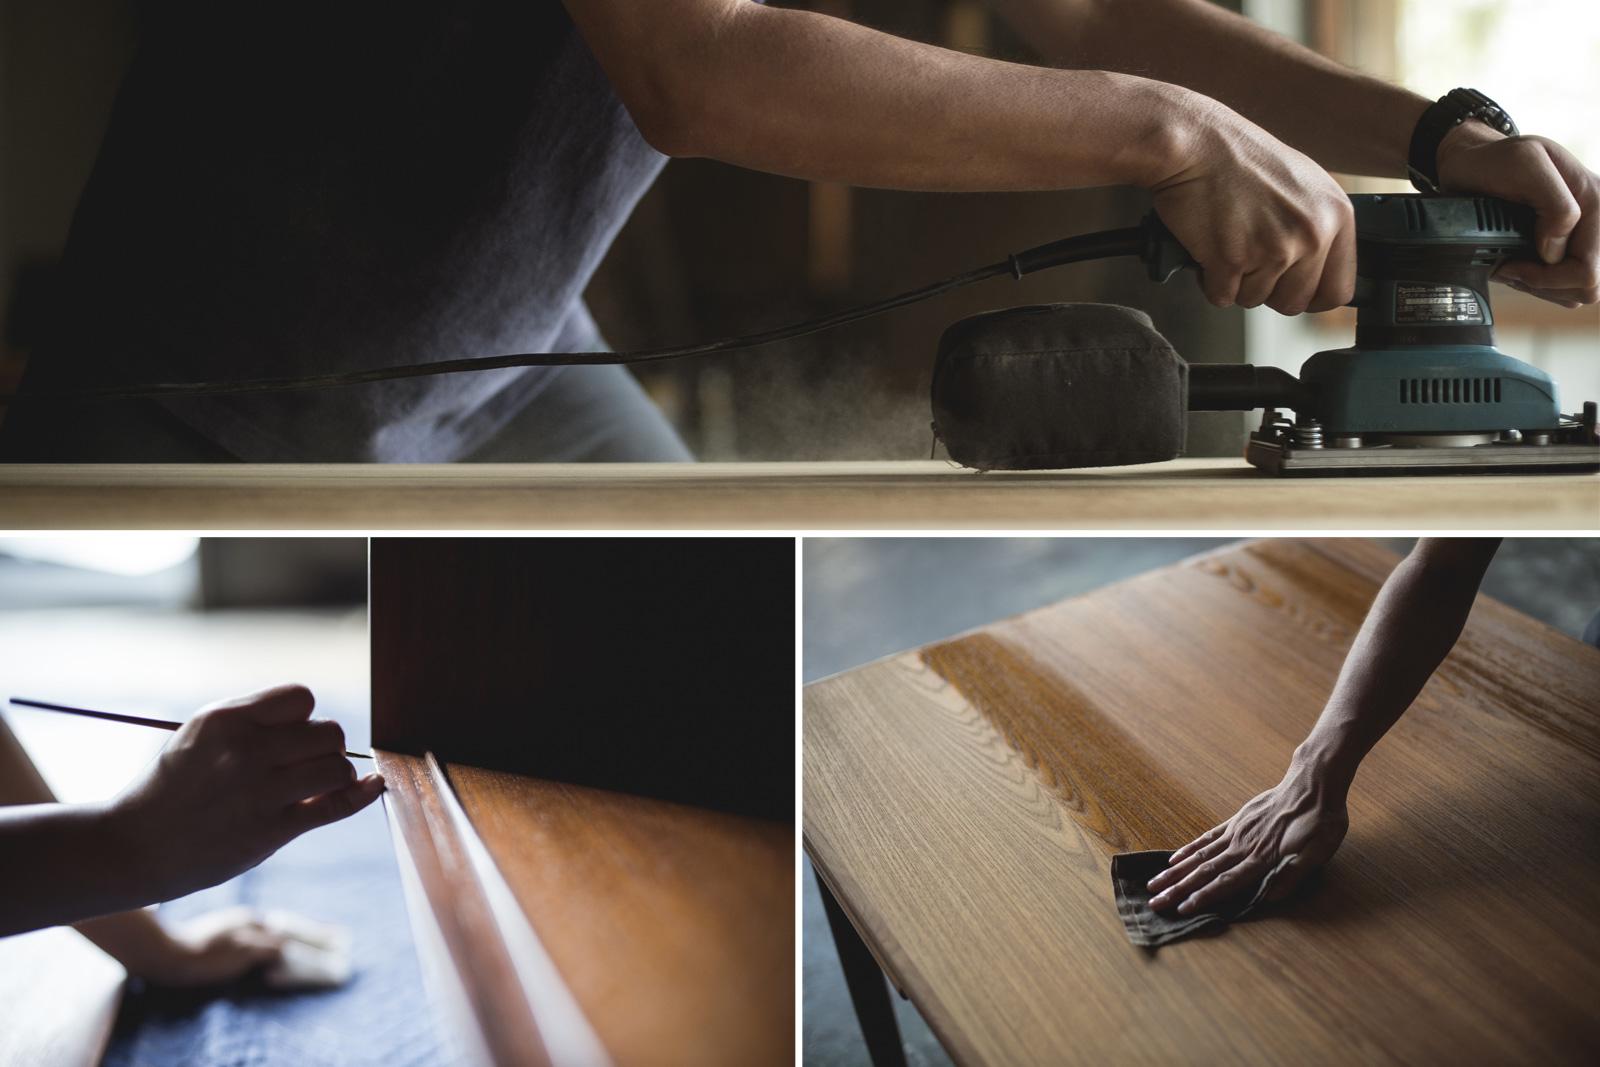 木工家具職人 正社員の求人募集>本物の名作北欧家具に触れる仕事 | ibukiya ブログ